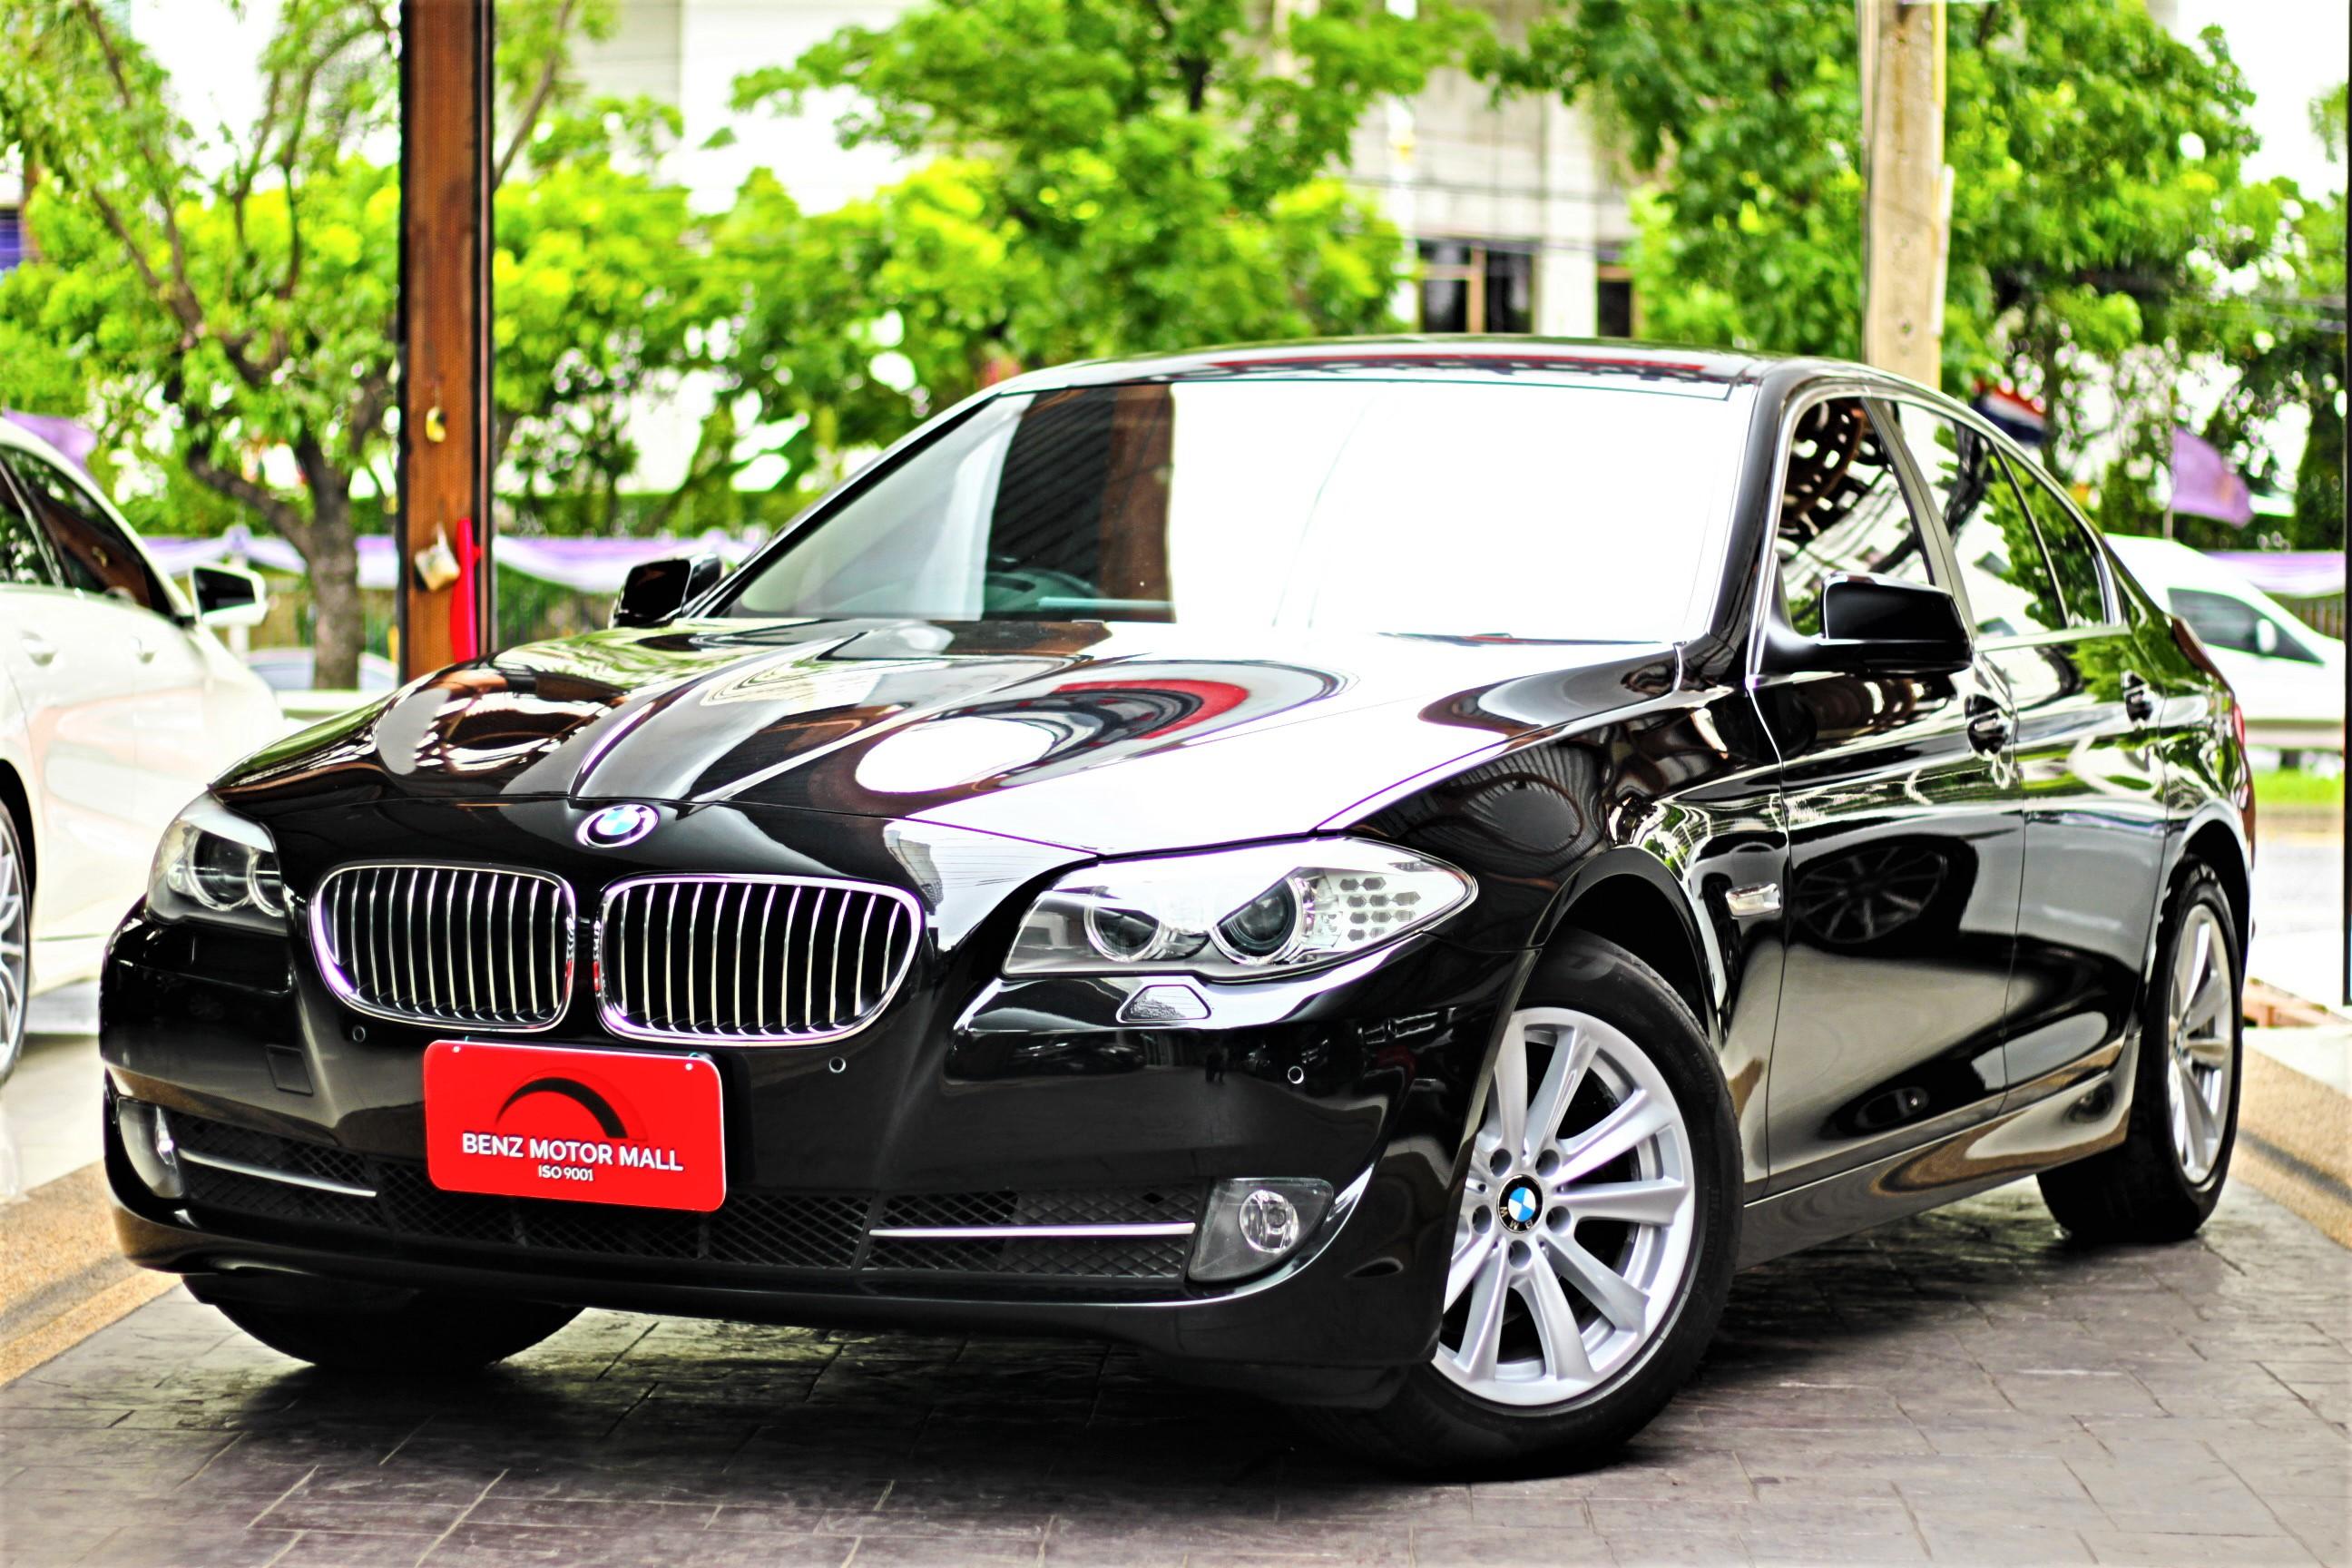 BMW 520d ปี 13 รหัส #6804